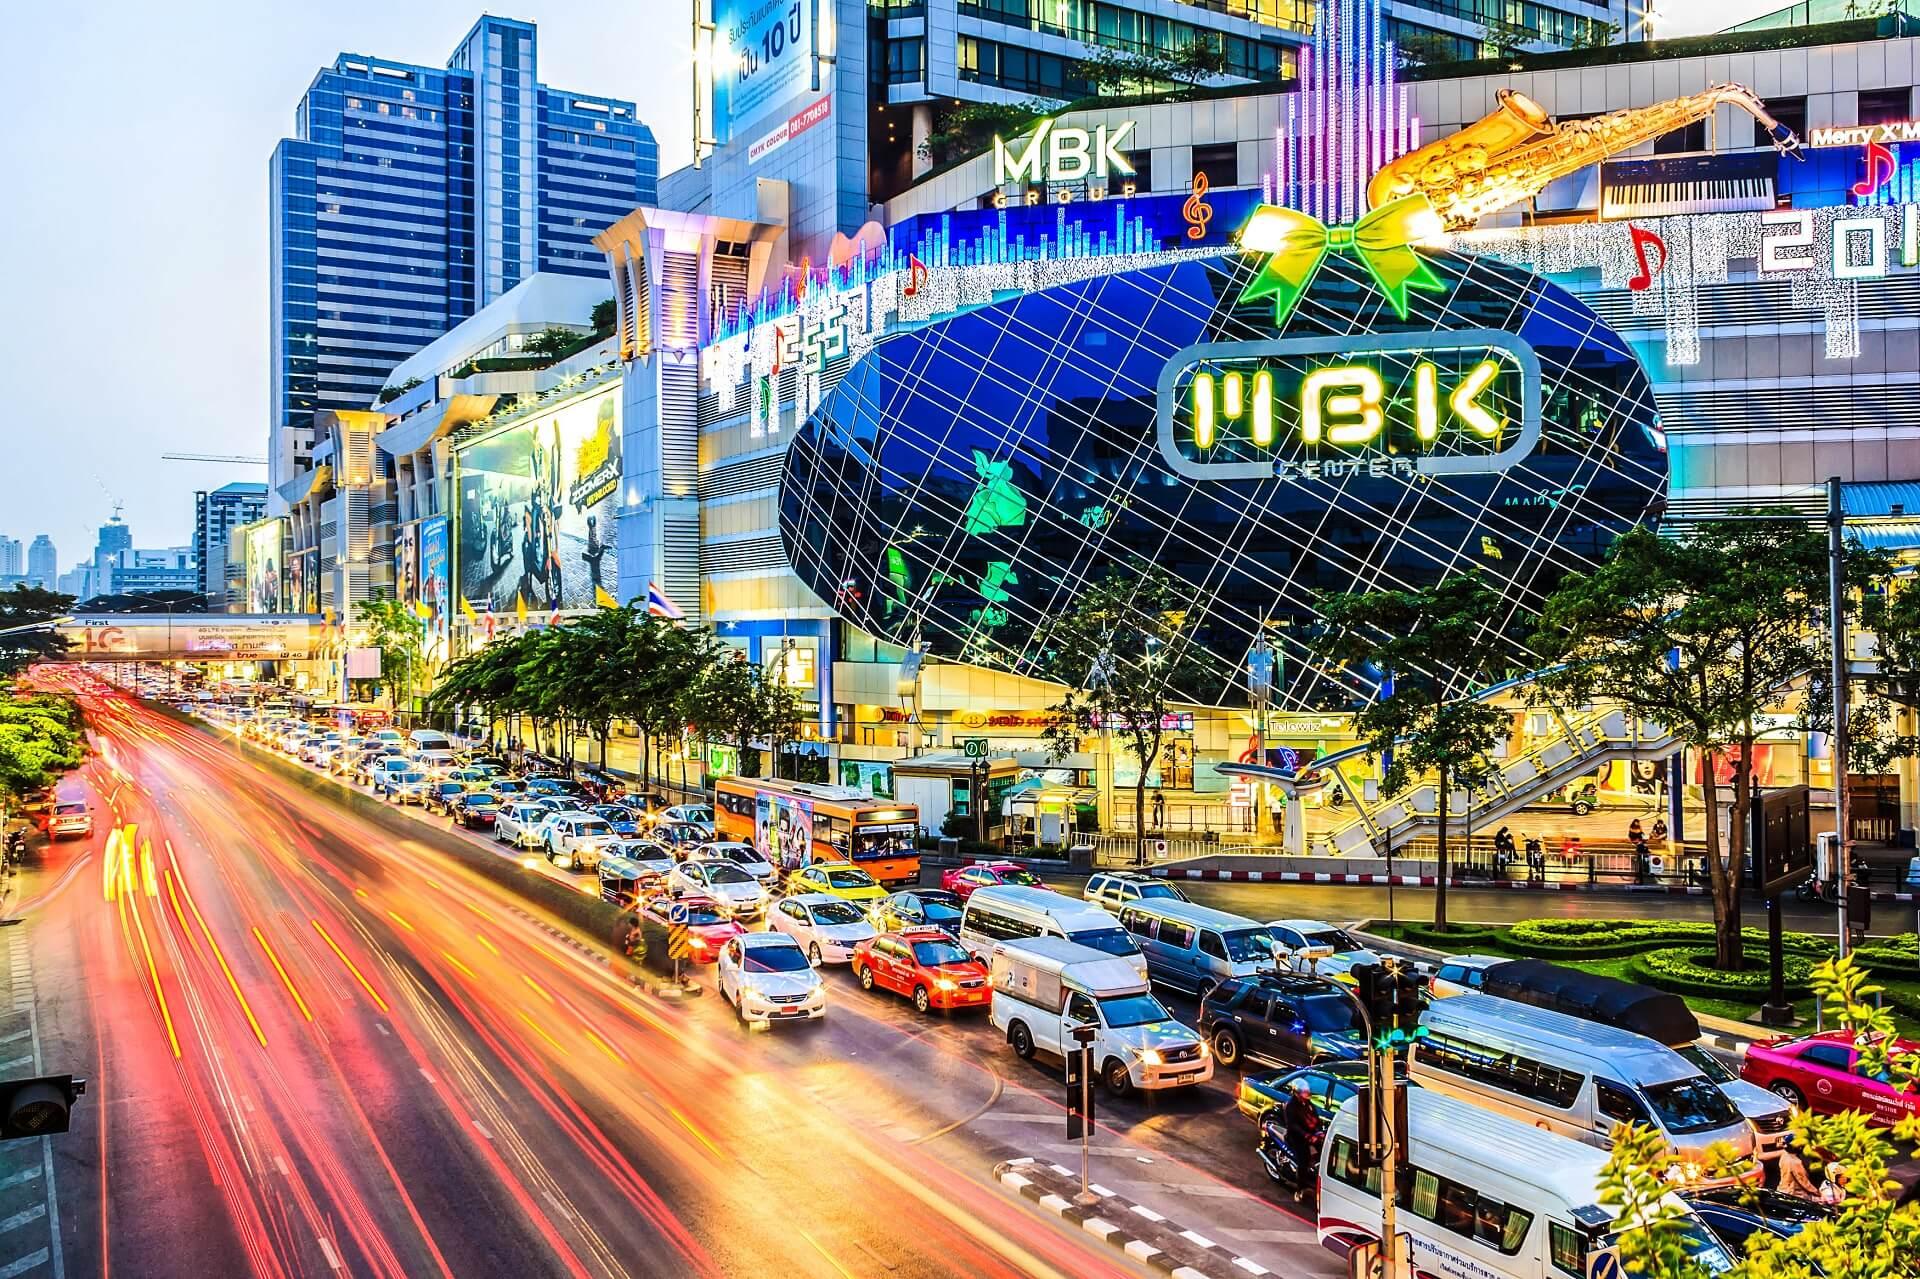 Die MBK shopping Mall ist eine der top Sehenswürdigkeiten in Bangkok